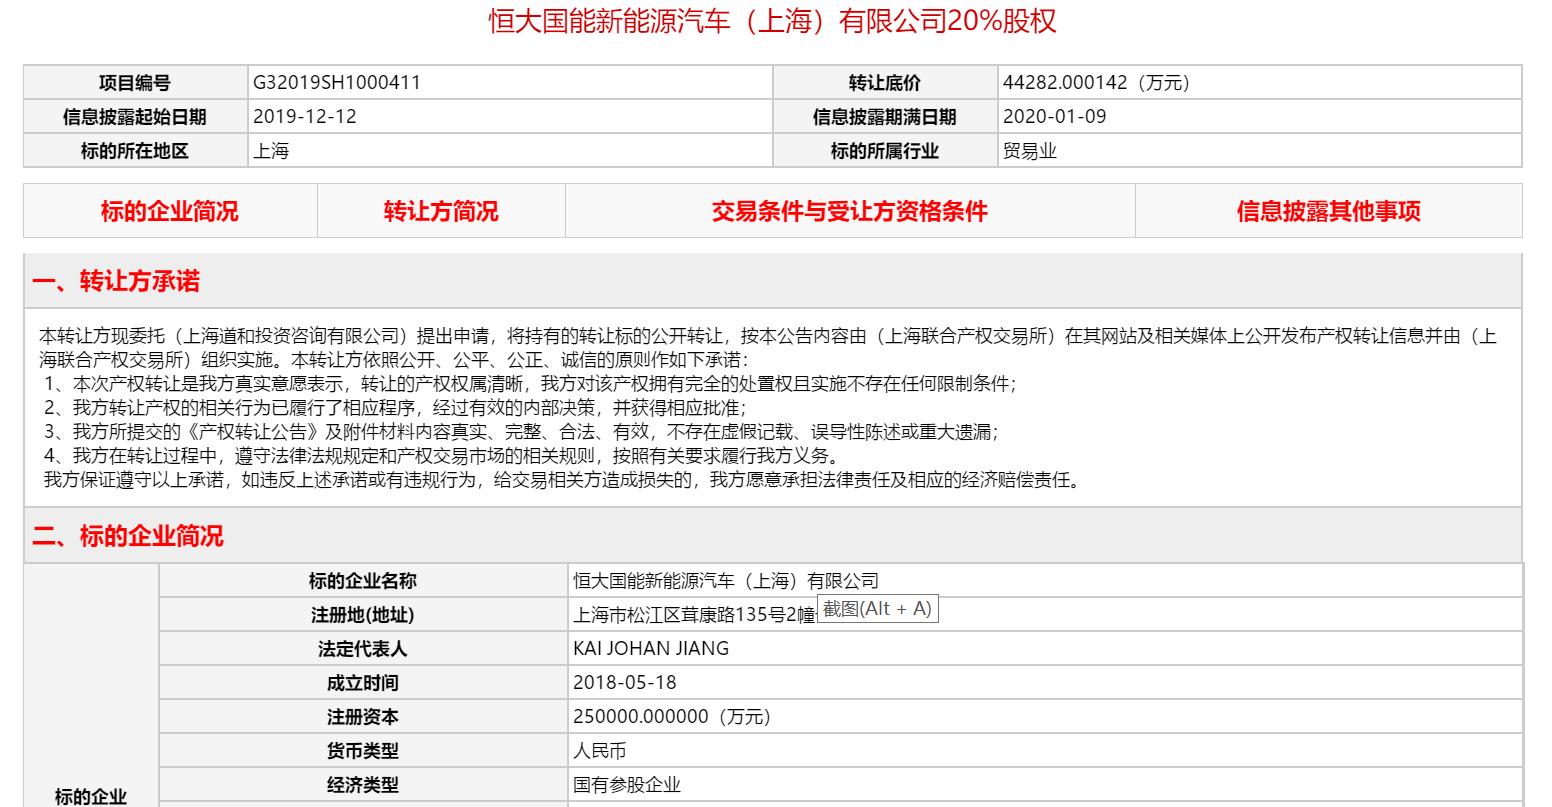 浩博吉林快3计划群,恒大国能新能源挂牌出售20%股权,转让底价4.43亿元